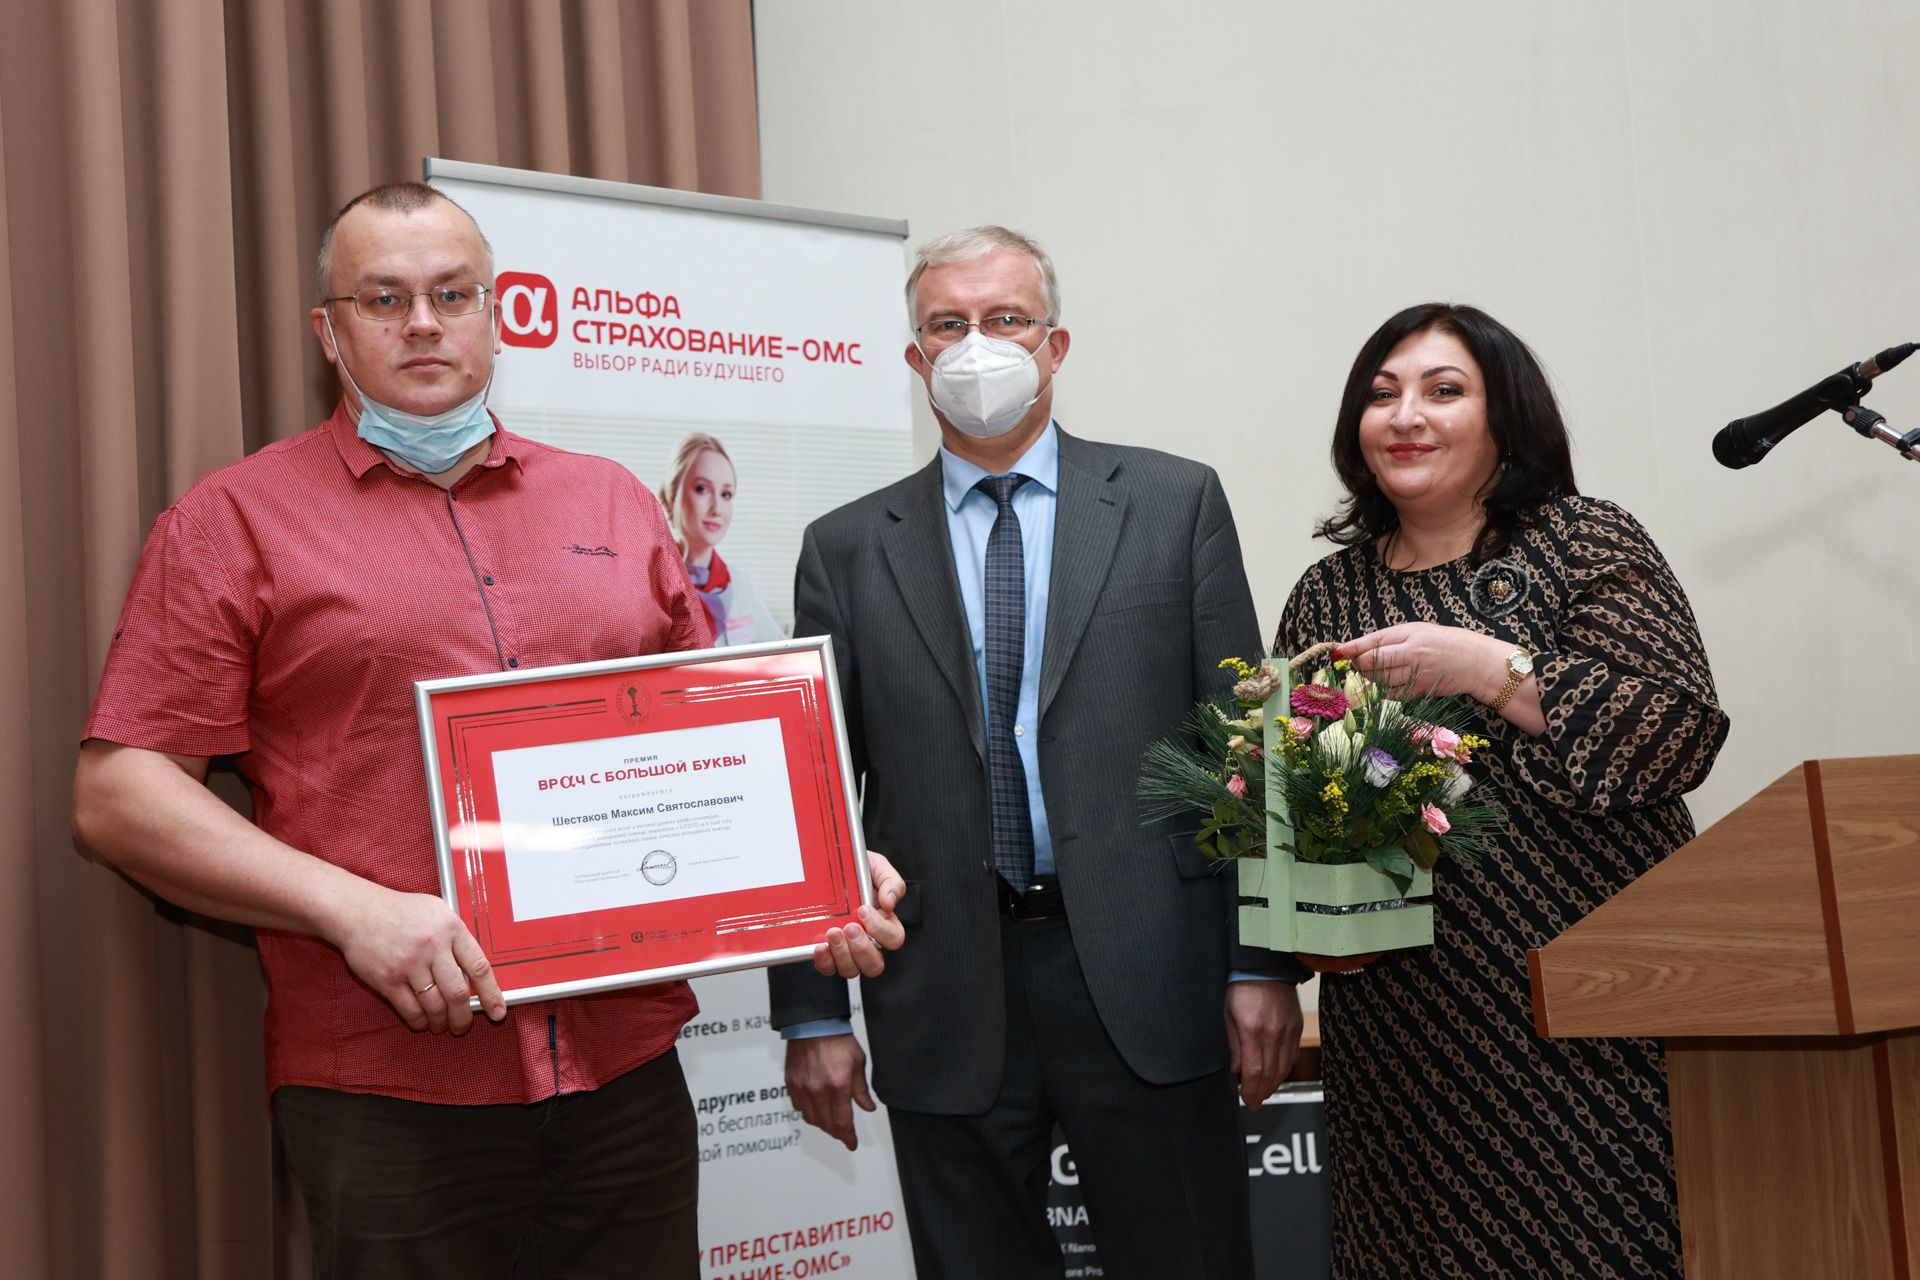 Шесть тверских медиков удостоены премии «Врач с большой буквы»